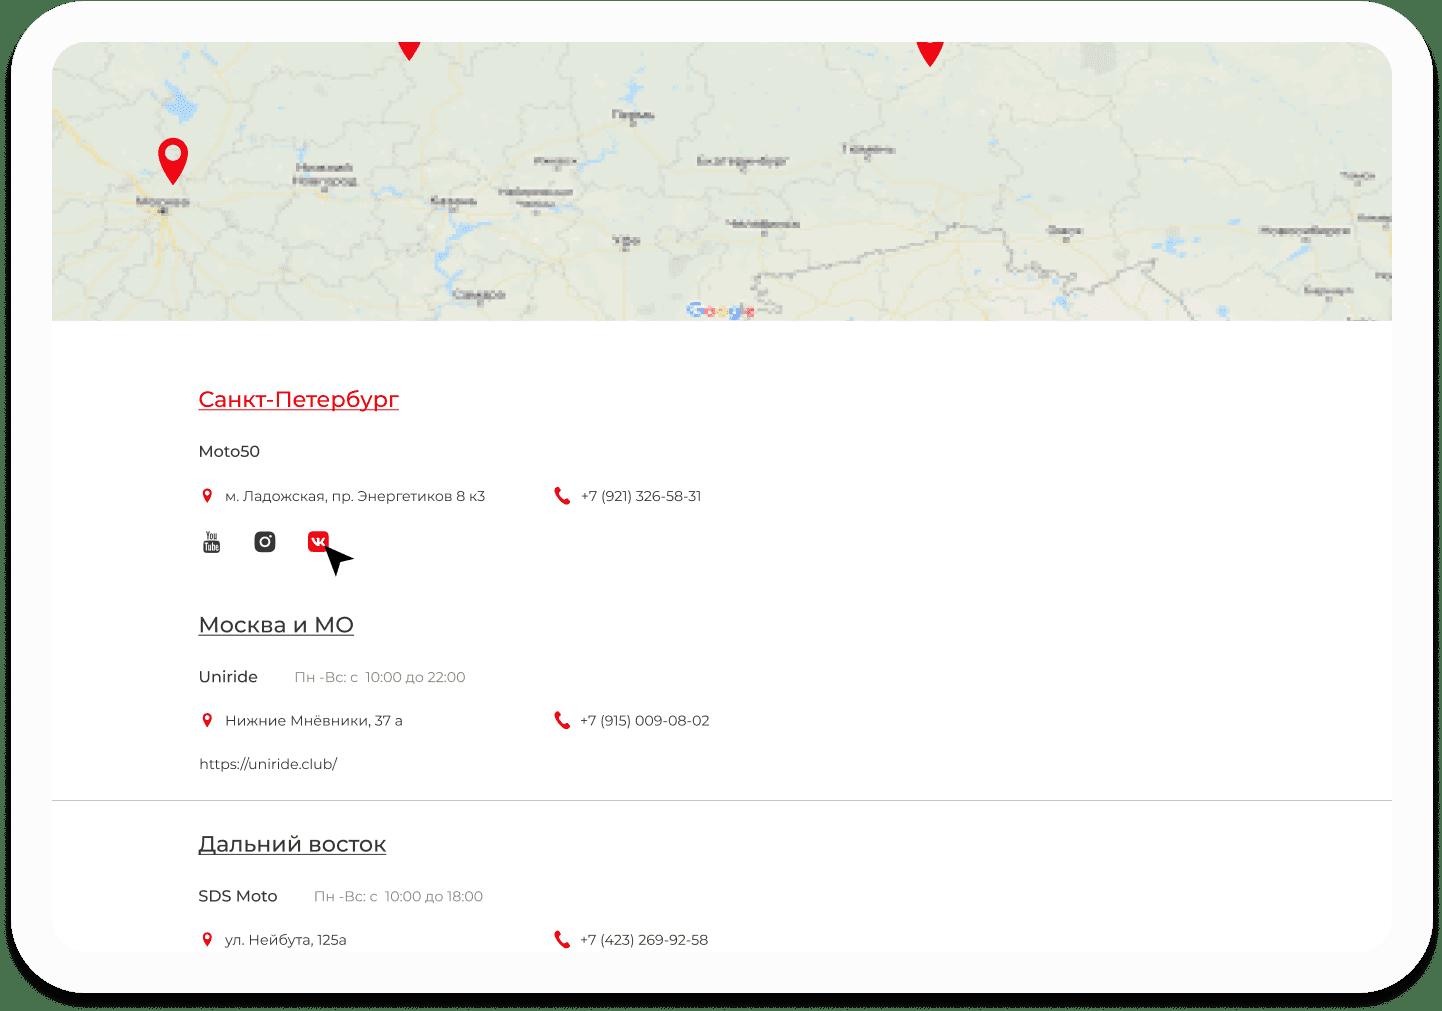 Сайт-конфигуратор по продаже мотоциклов и комплектующих компании Betamotor - https://betamotor.ru